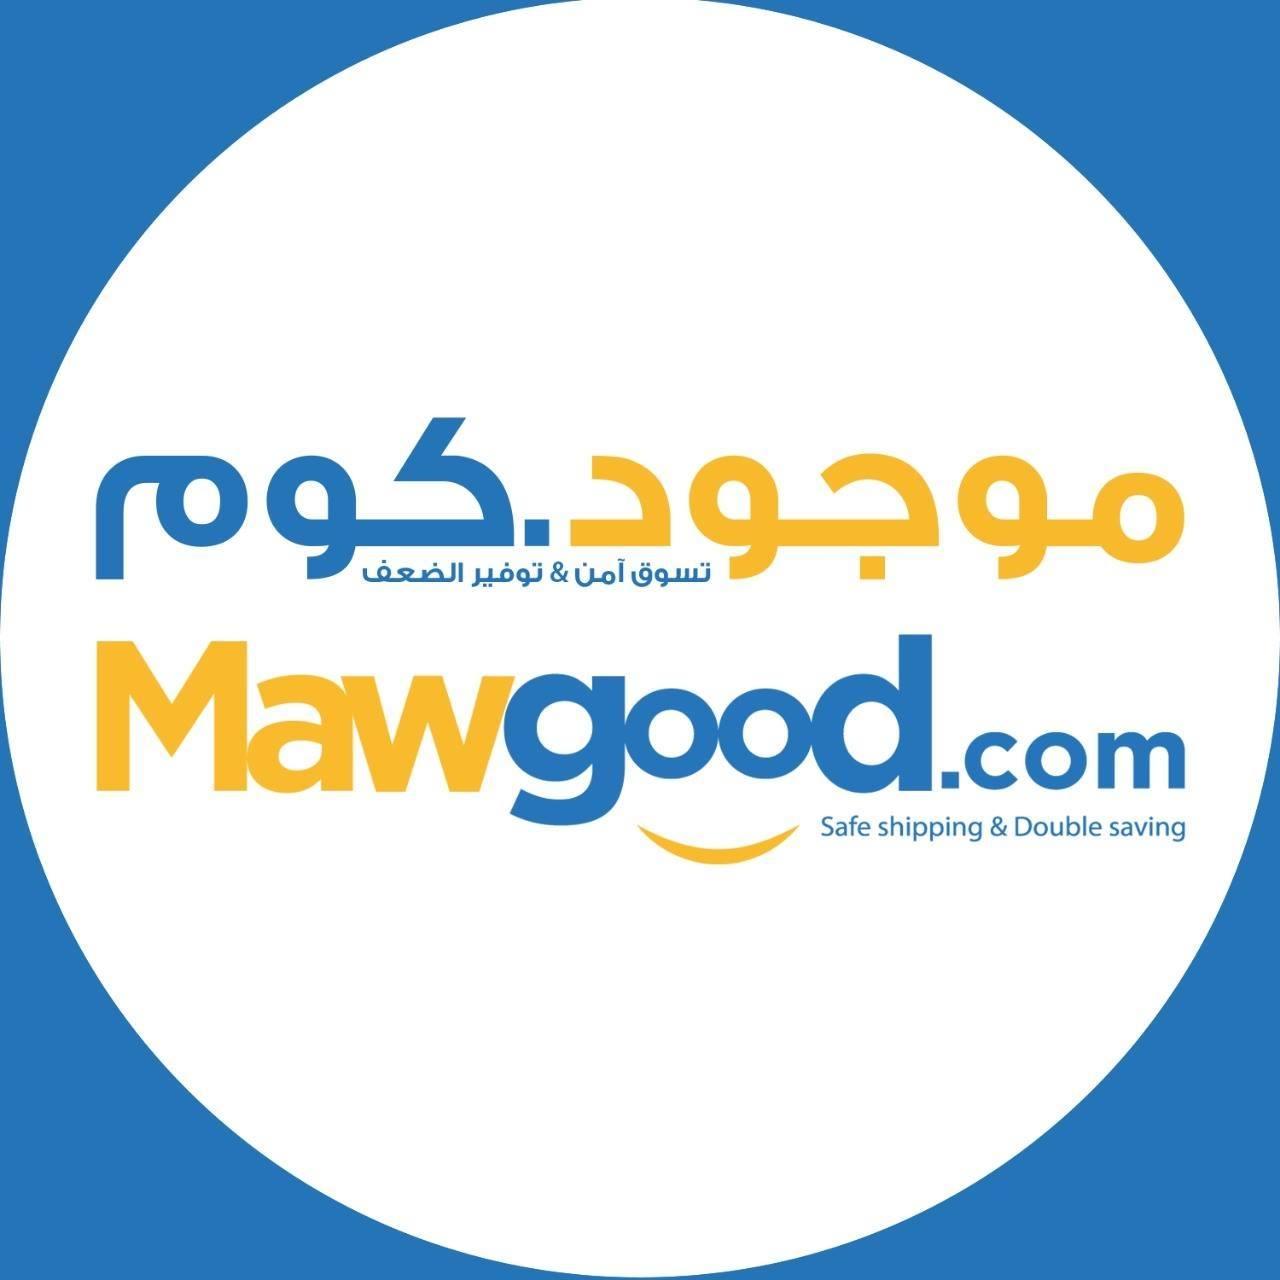 Mawgood.com